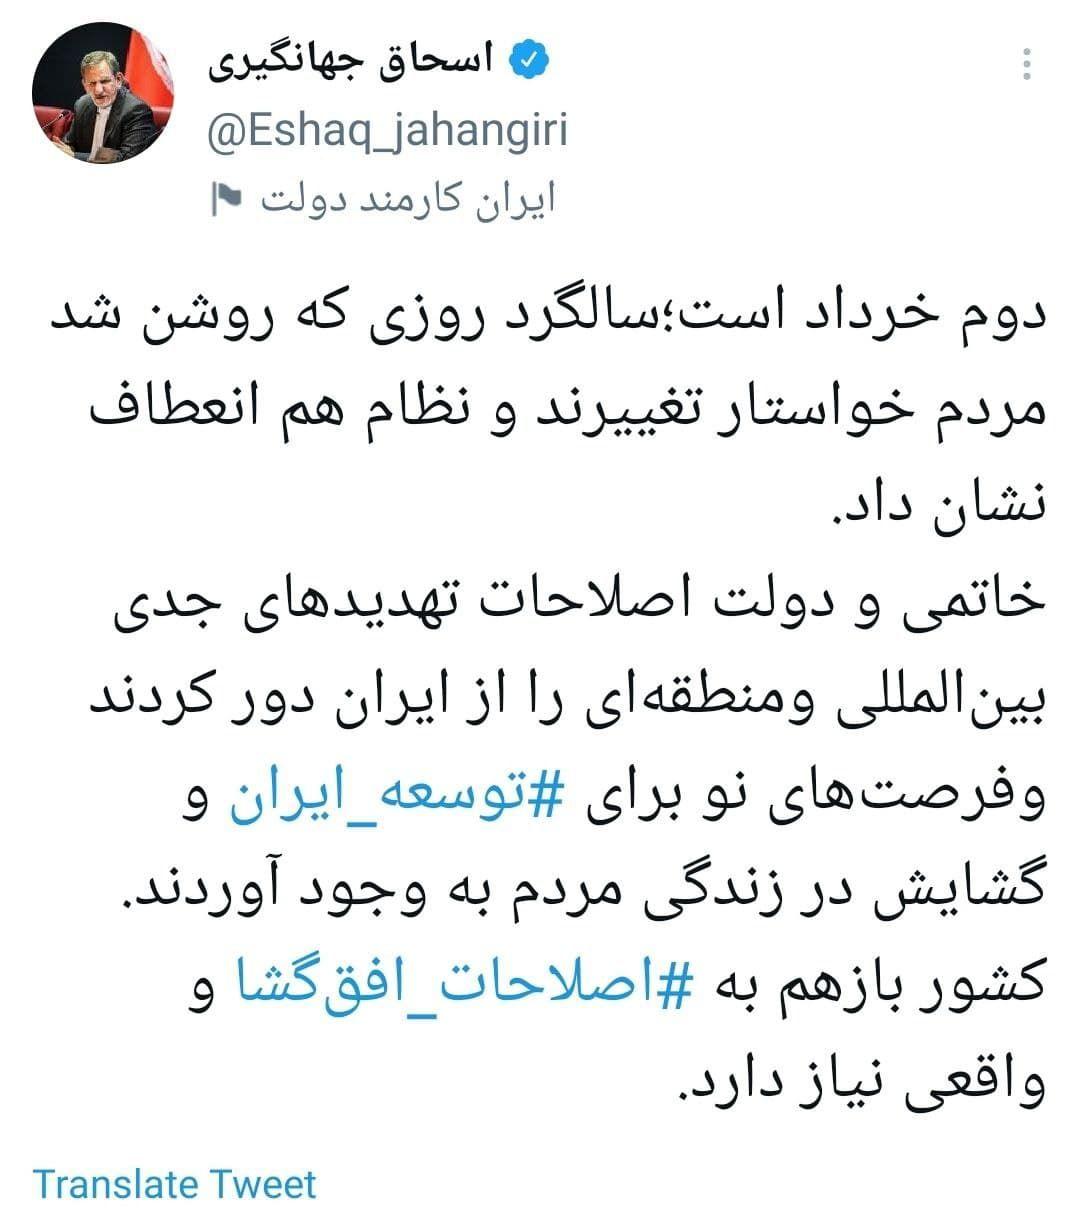 دوم خرداد است و کشور باز هم به اصلاحات افقگشا و واقعی نیاز دارد | خبرگزاری ایلنا